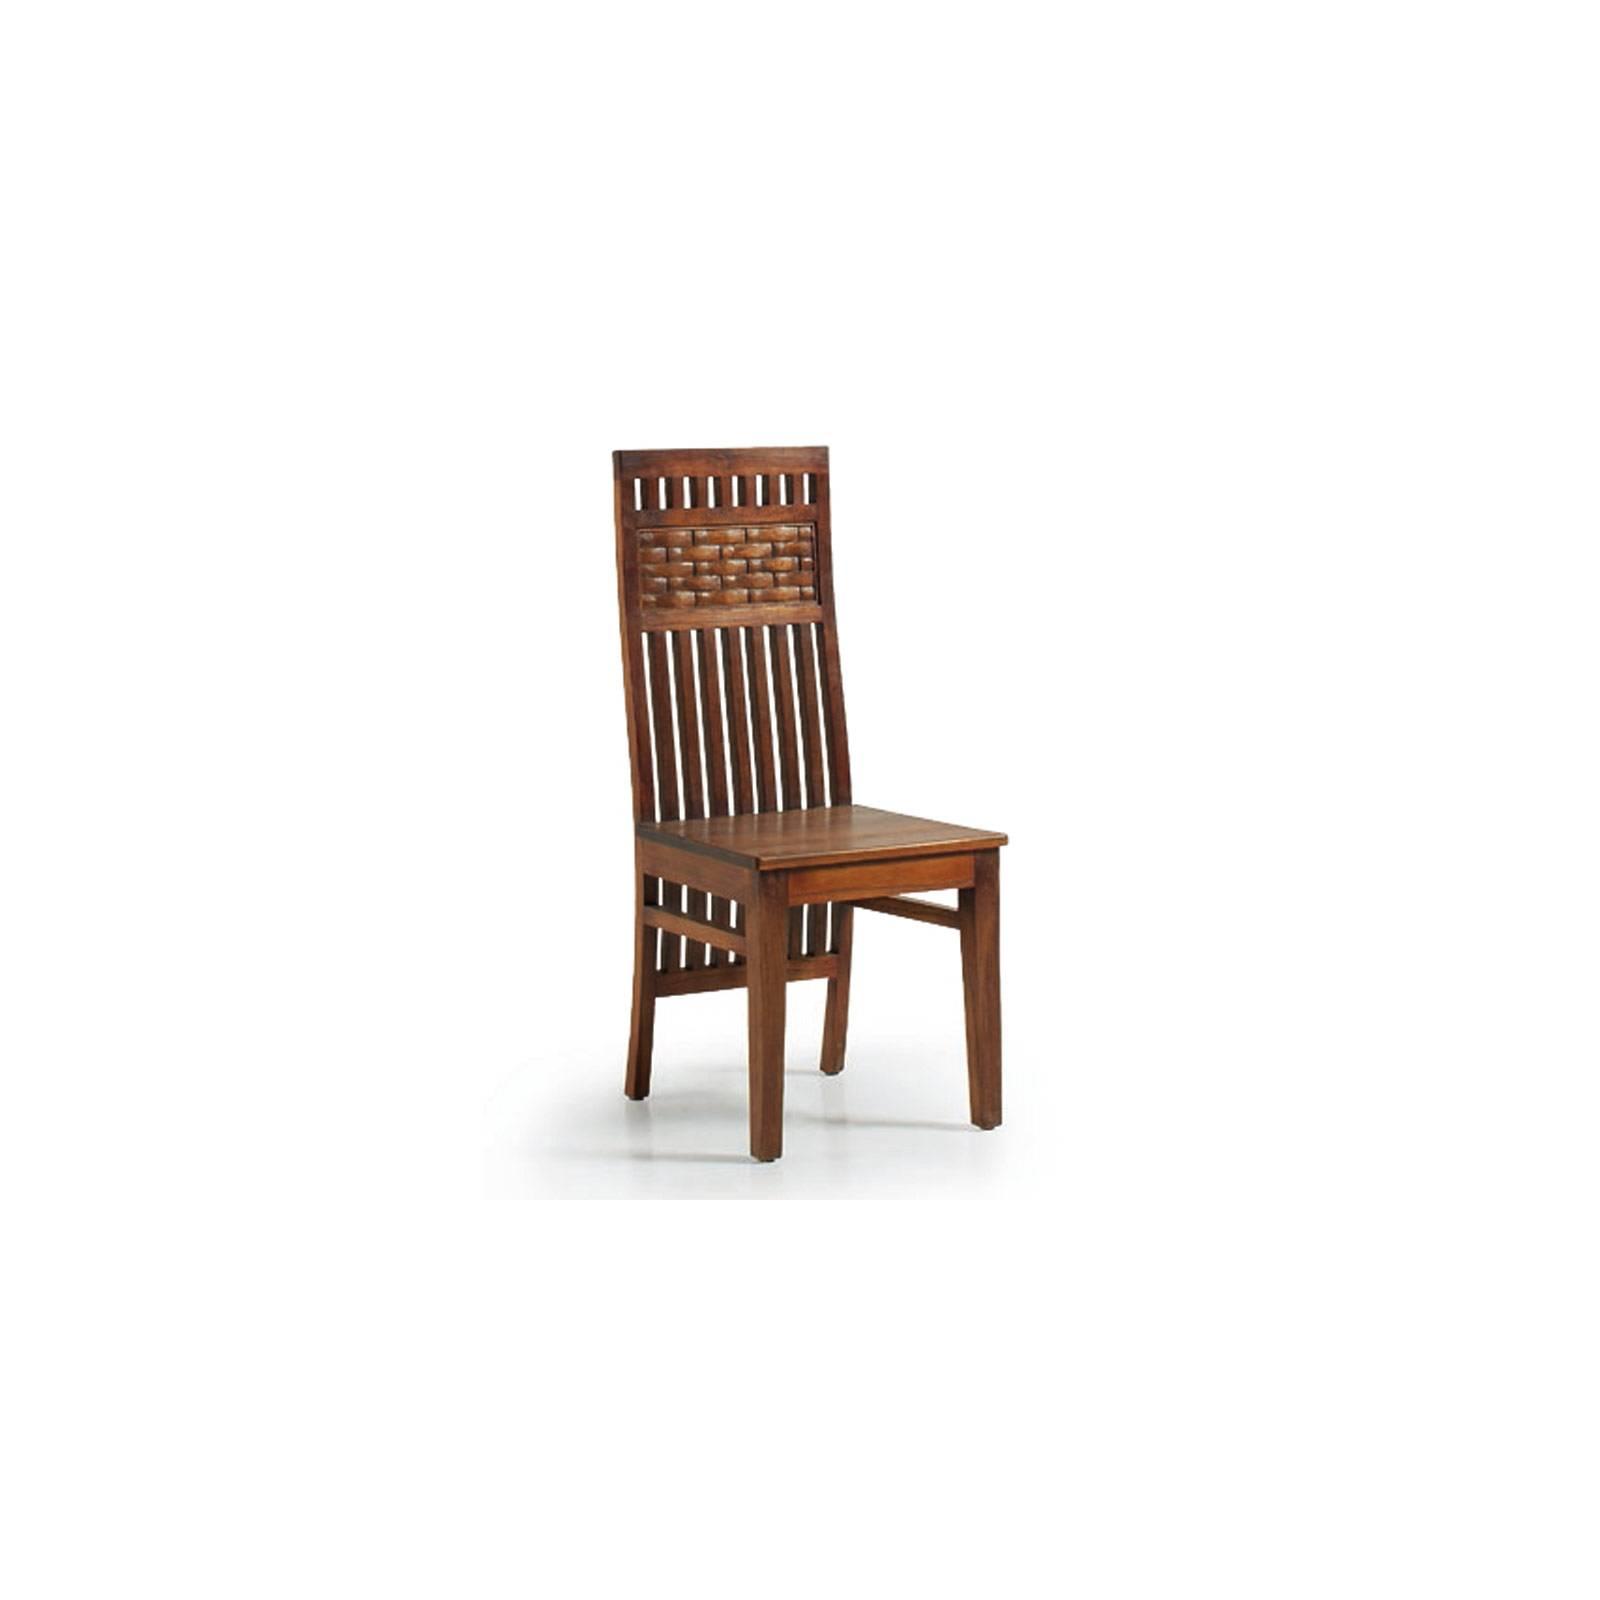 Chaise Motifs Tali Mindy - meuble bois exotique